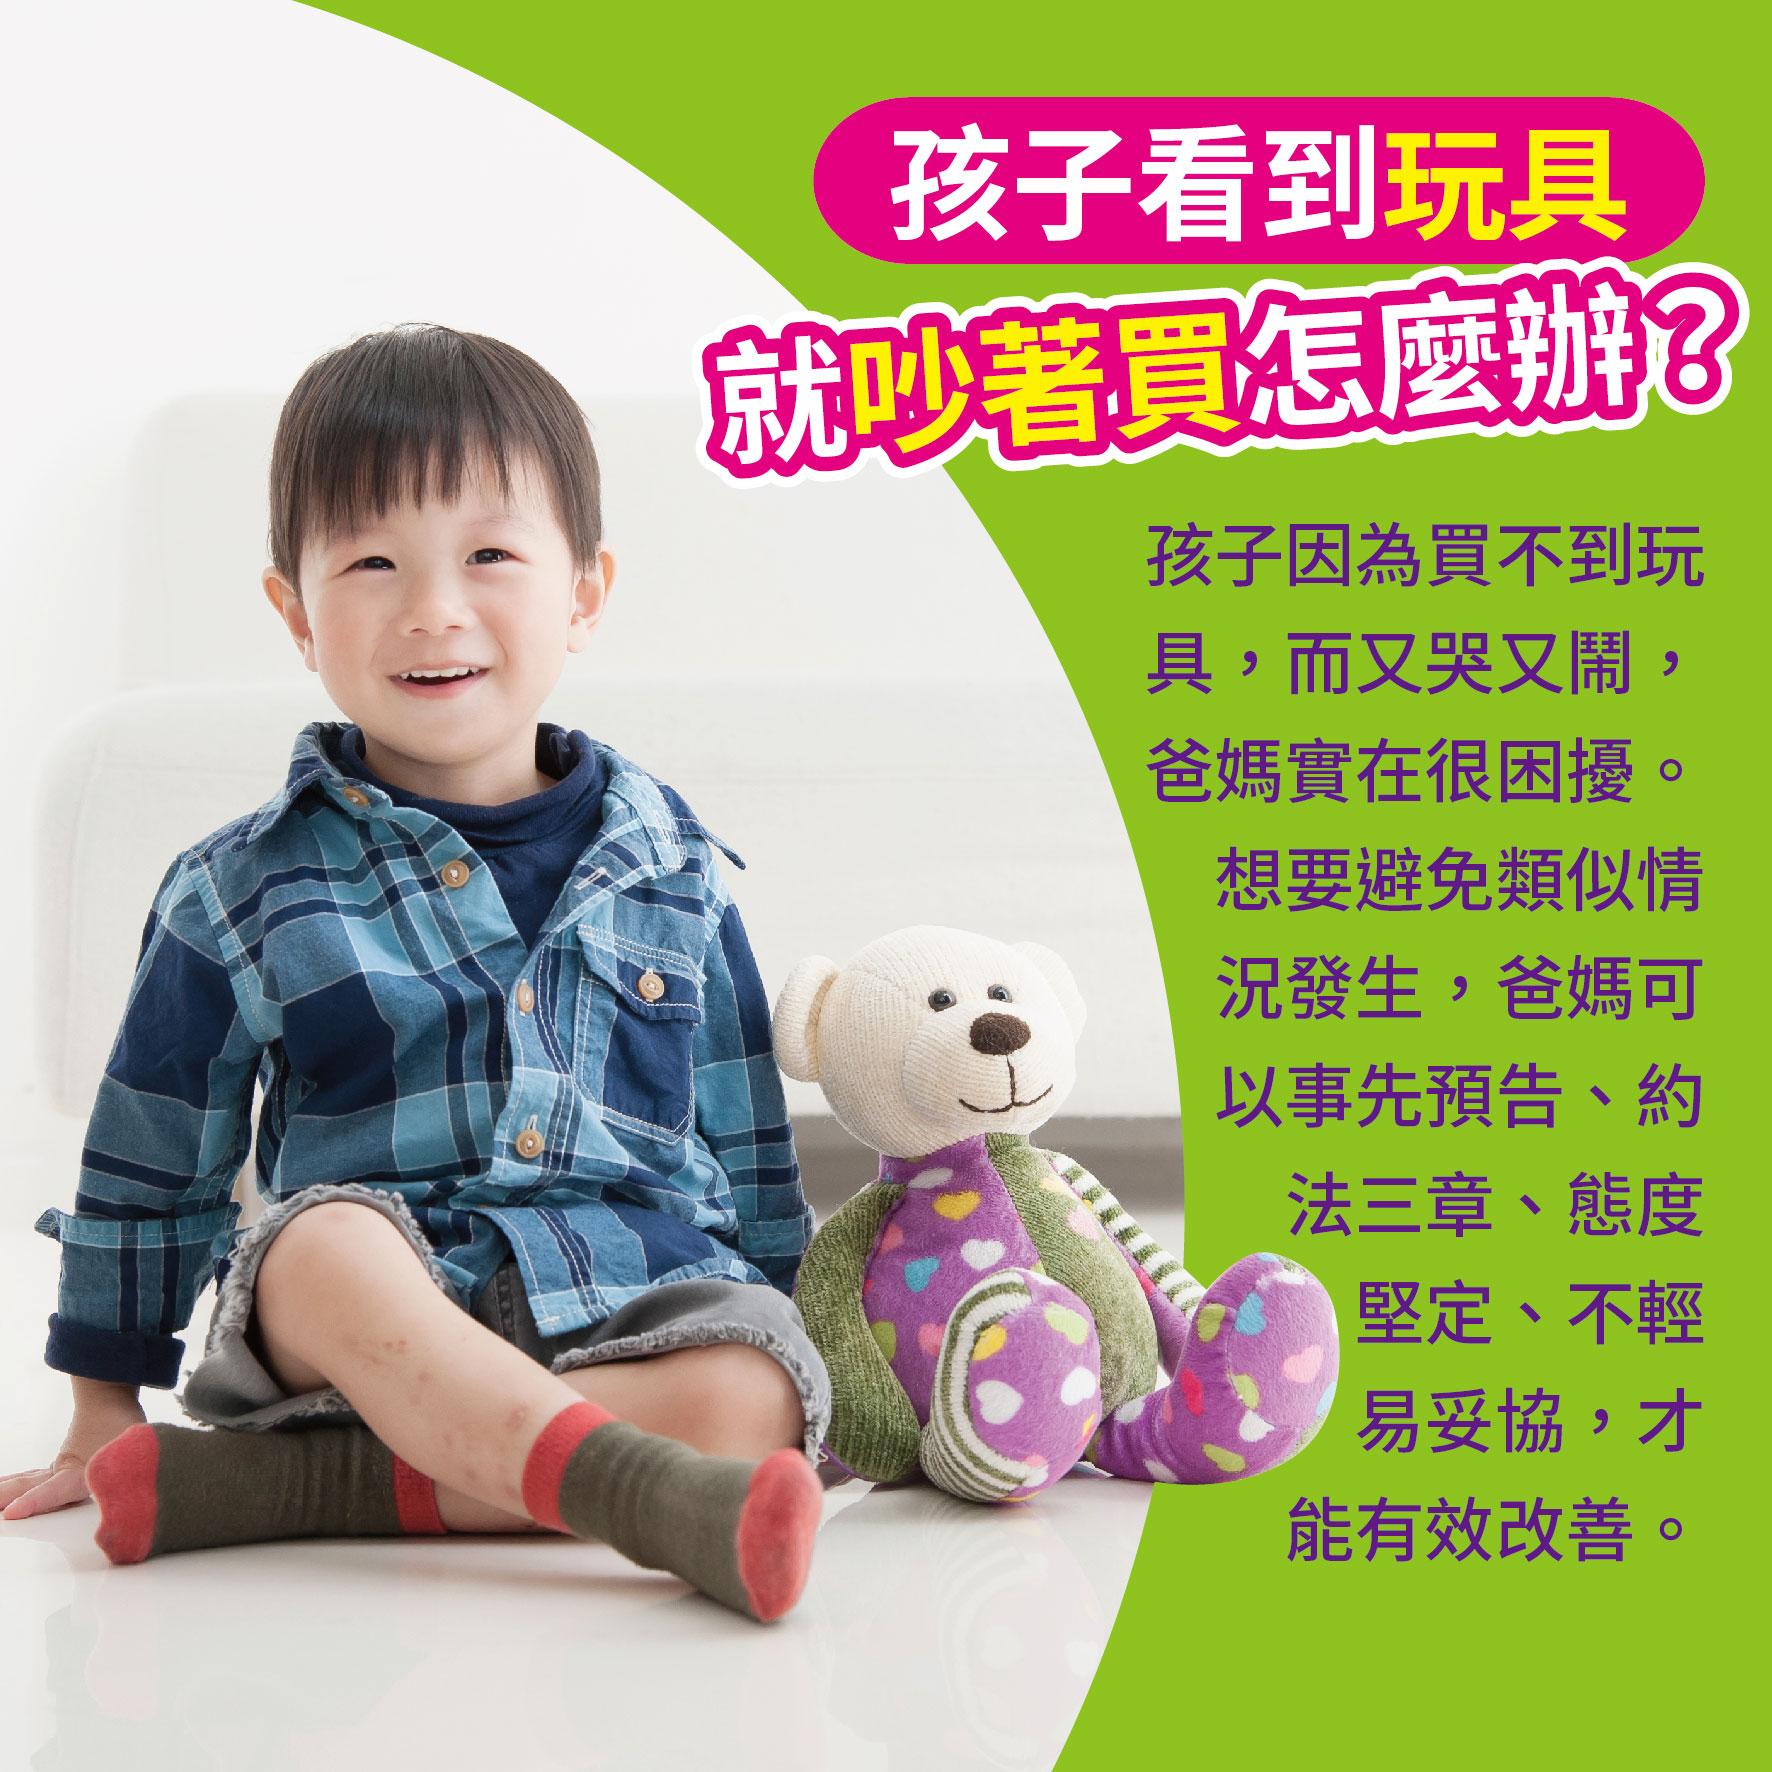 幼兒6歲(第26週)孩子看到玩具 就吵著買怎麼辦?